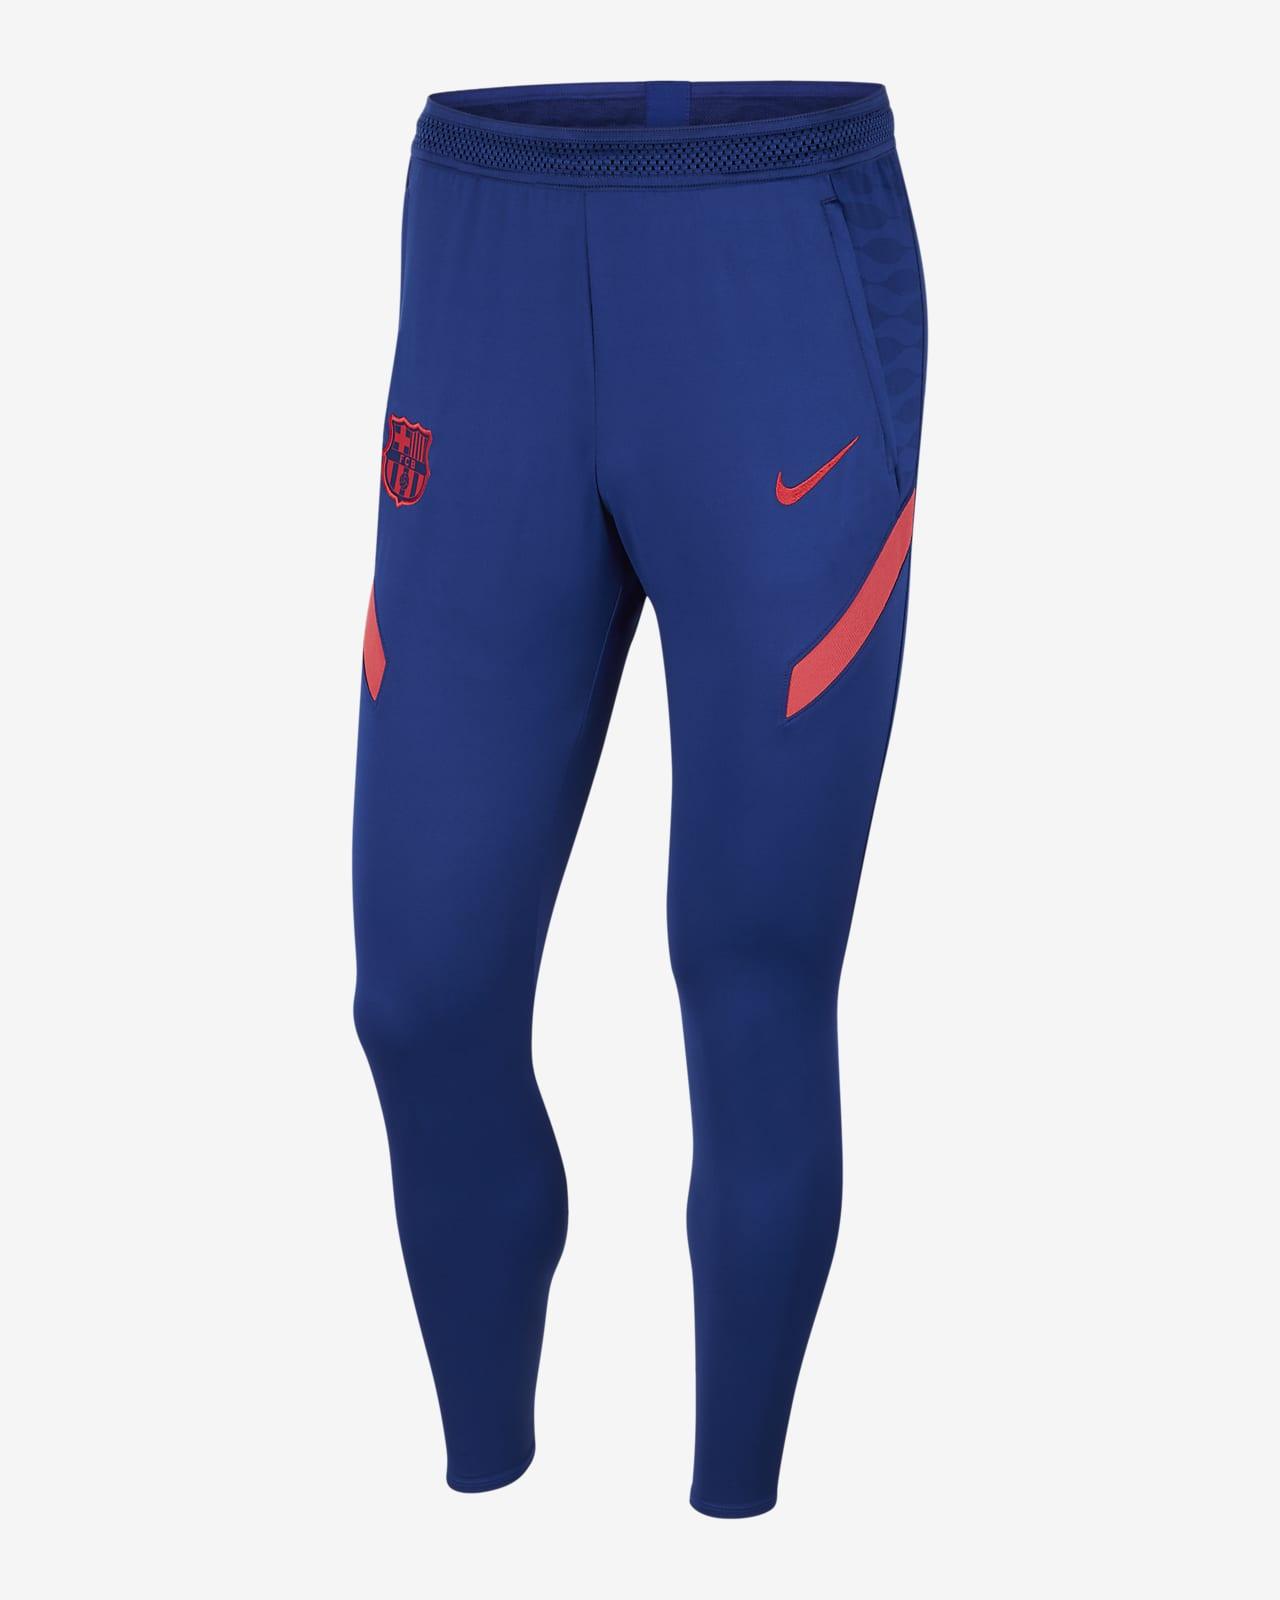 Ανδρικό πλεκτό ποδοσφαιρικό παντελόνι Μπαρτσελόνα Strike